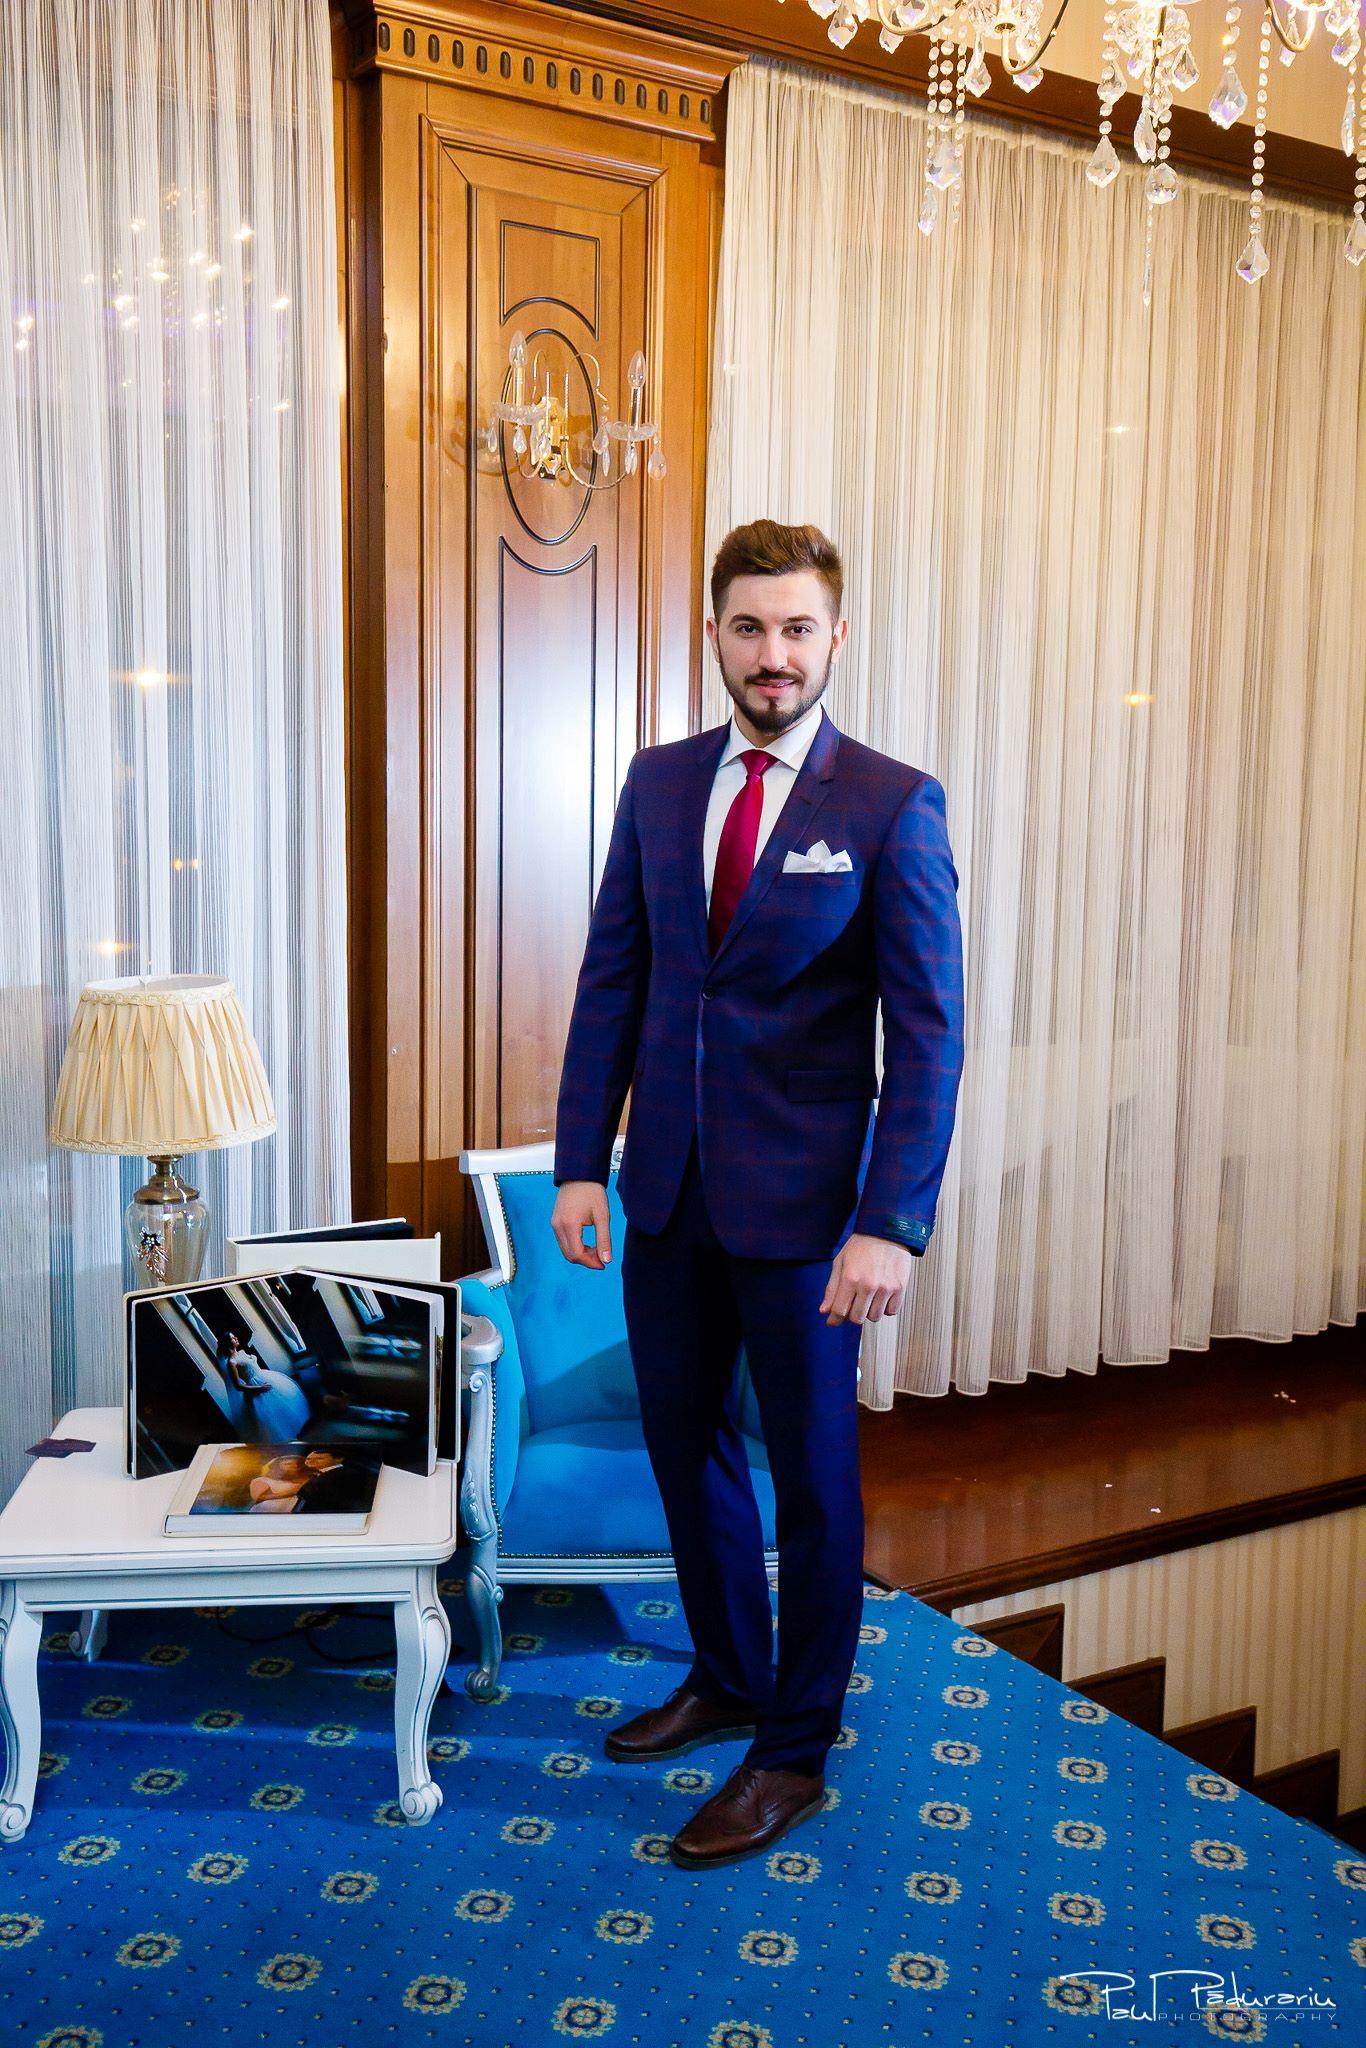 Seroussi | Producător și distribuitor de costume bărbătești colectia 2019 - costum mire - paul padurariu fotograf nunta iasi www.paulpadurariu.ro 31